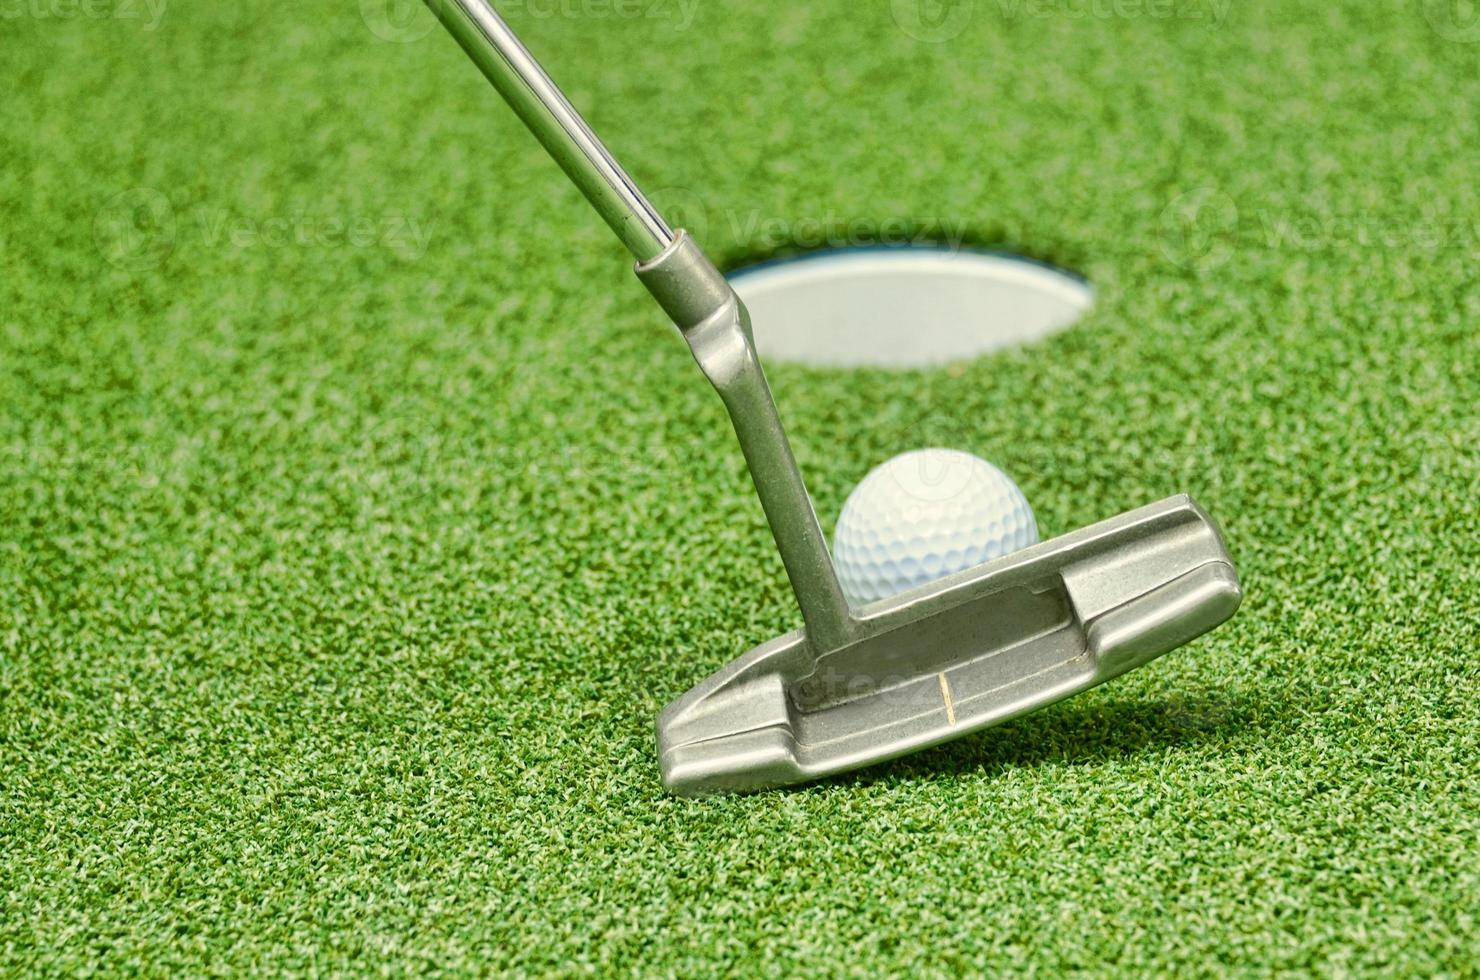 Golfspieler tippen ein. foto